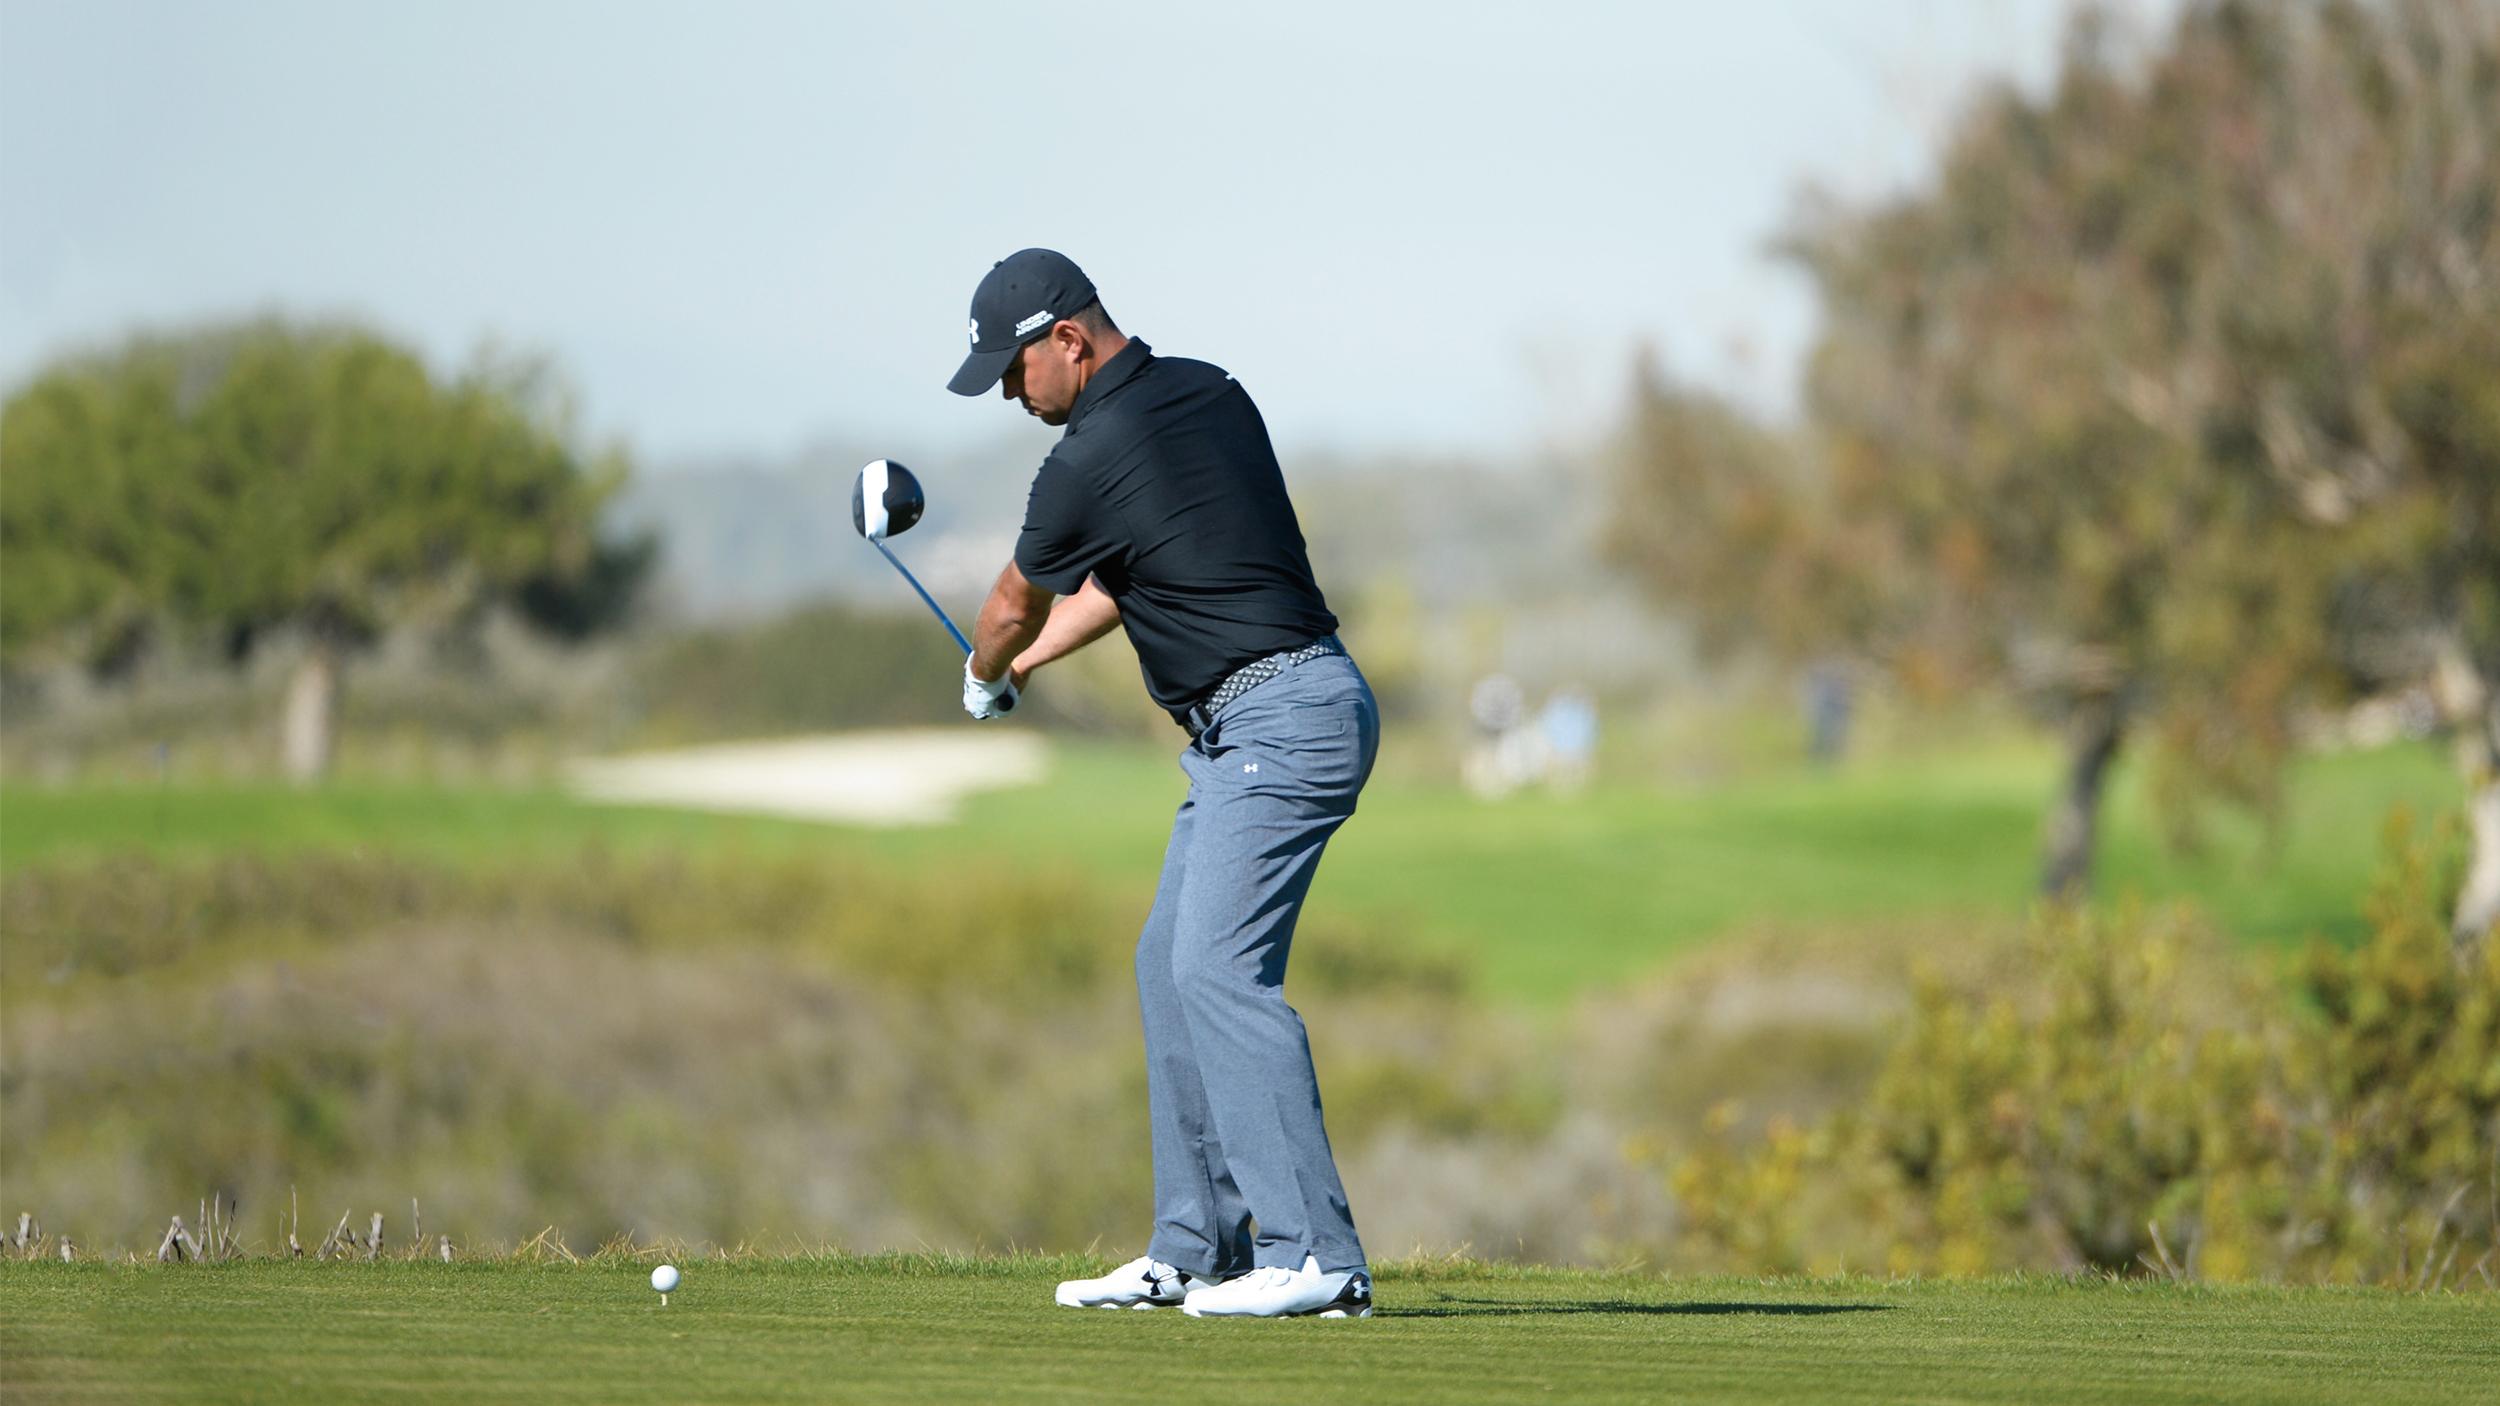 El movimiento mágico del golf | el cambio de peso.